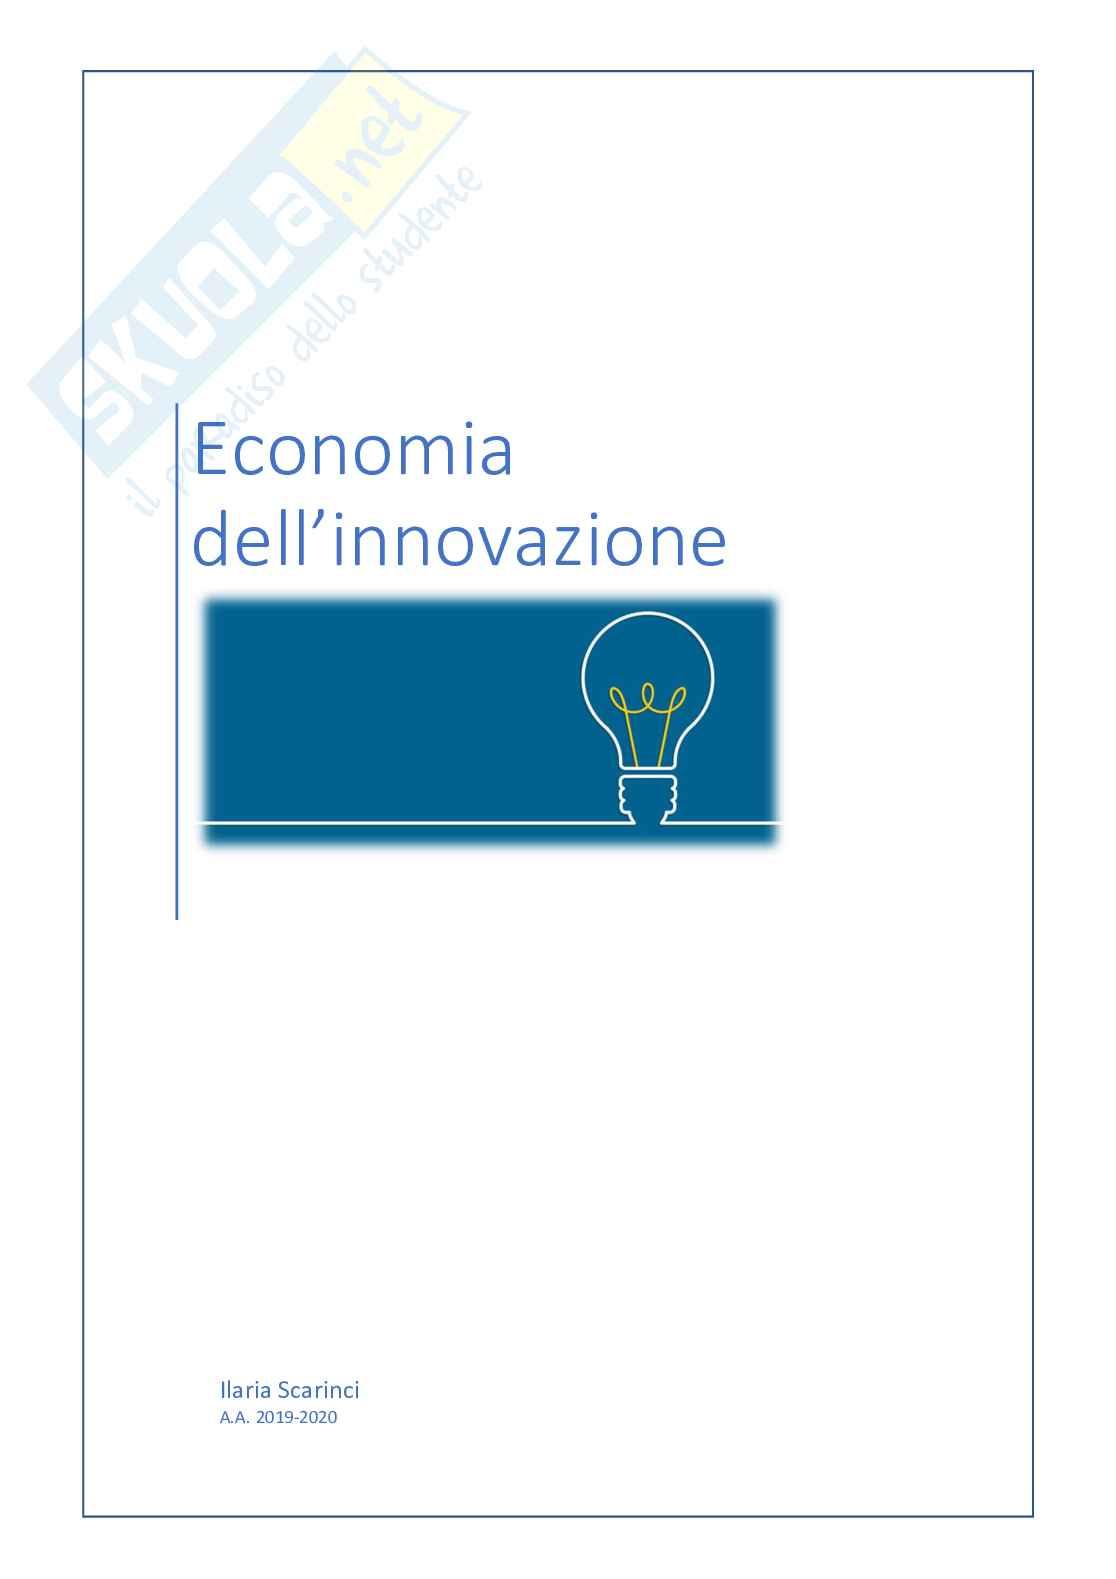 Riassunto esame Economia dell'innovazione, prof. Guarascio, libro consigliato Economia dell'innovazione, Malerba